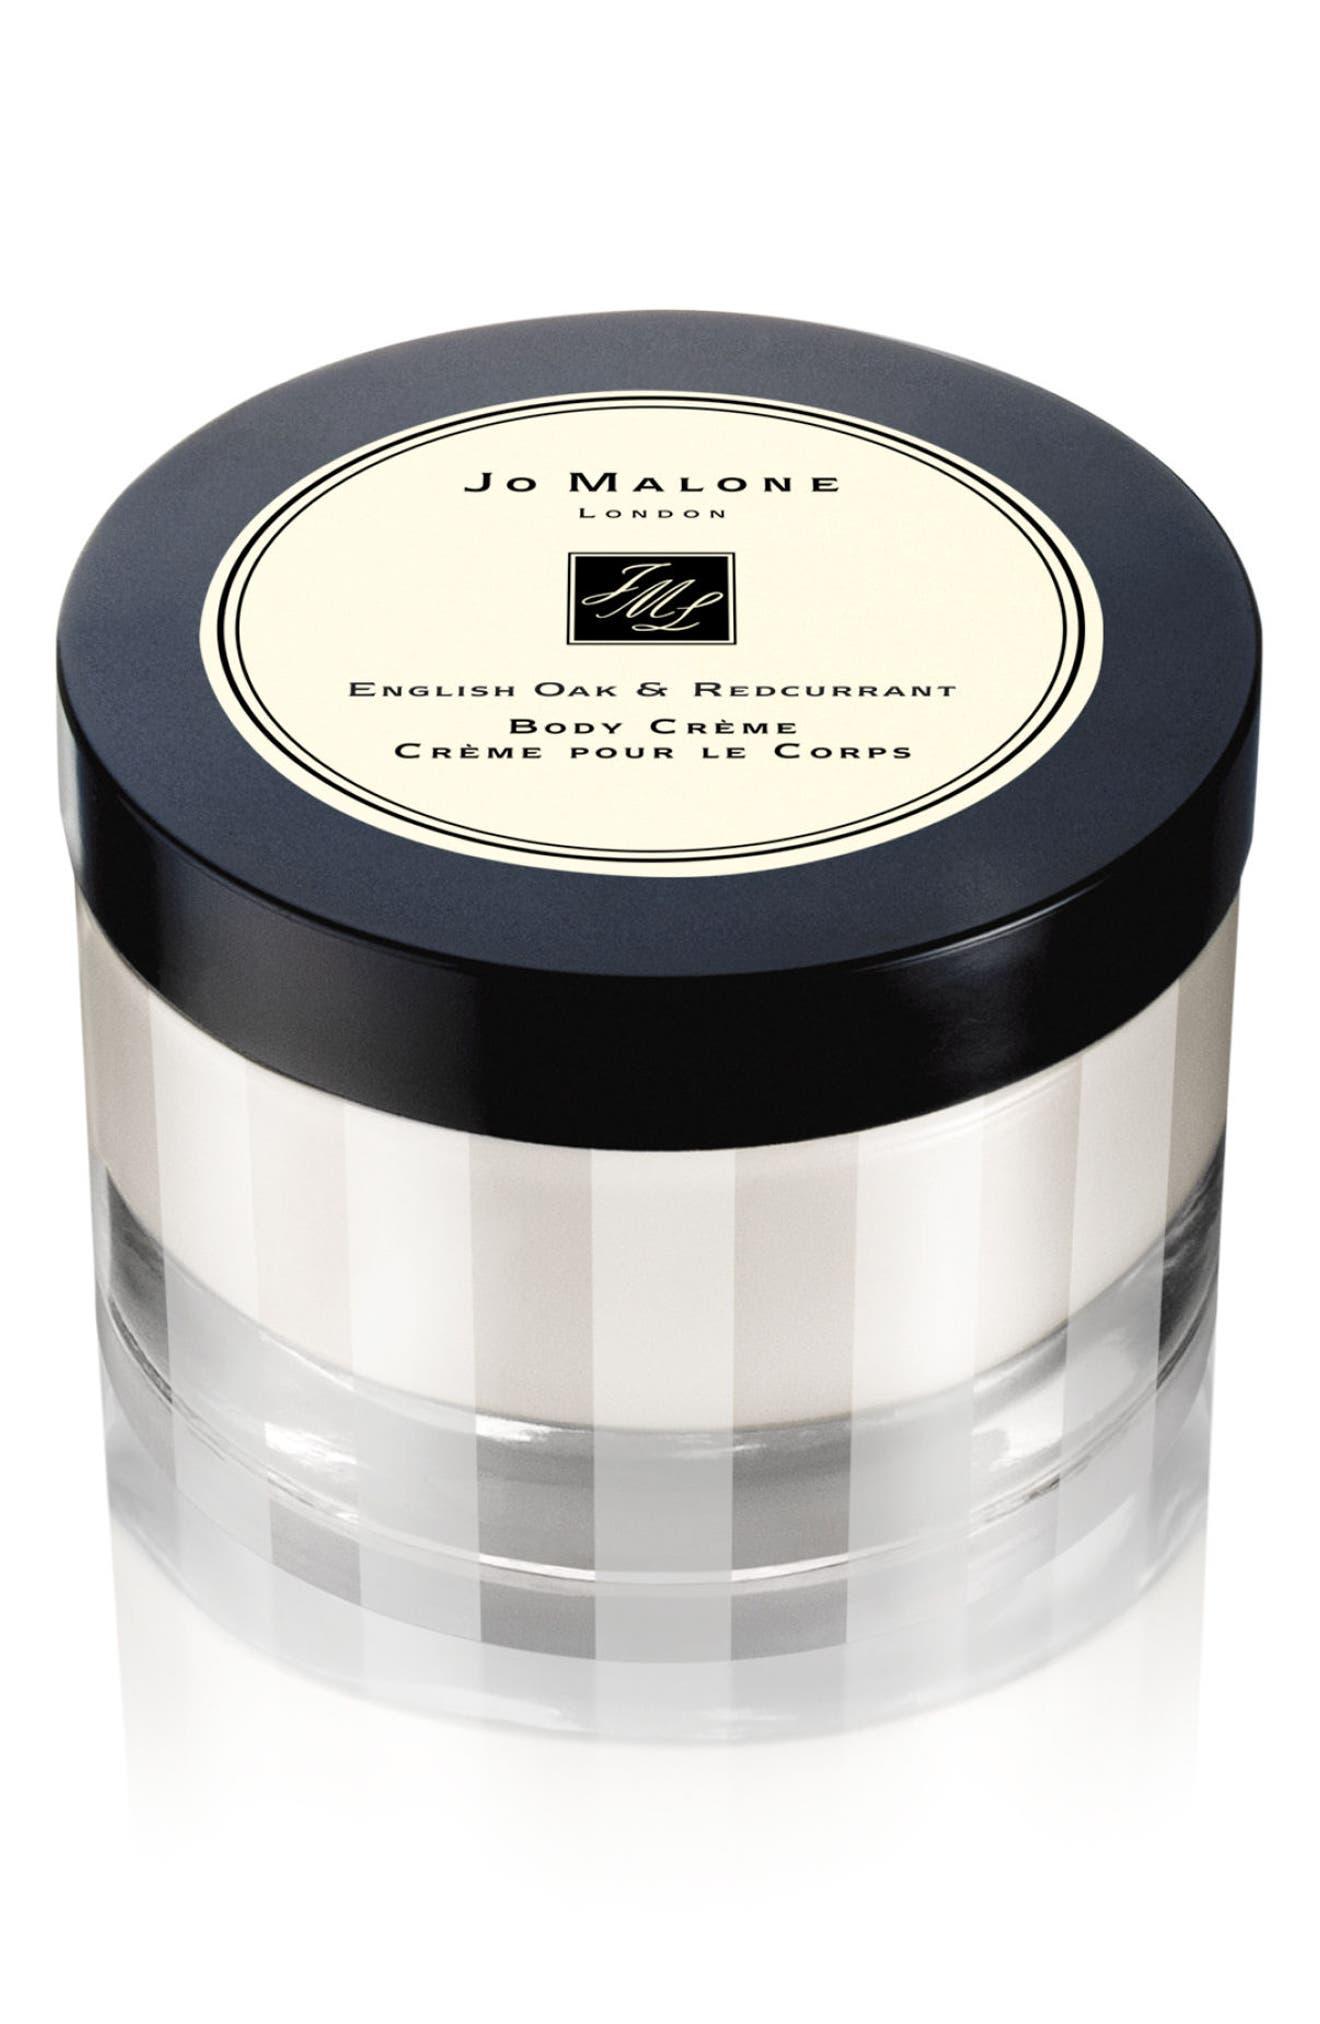 Jo Malone London™ English Oak & Redcurrant Body Crème